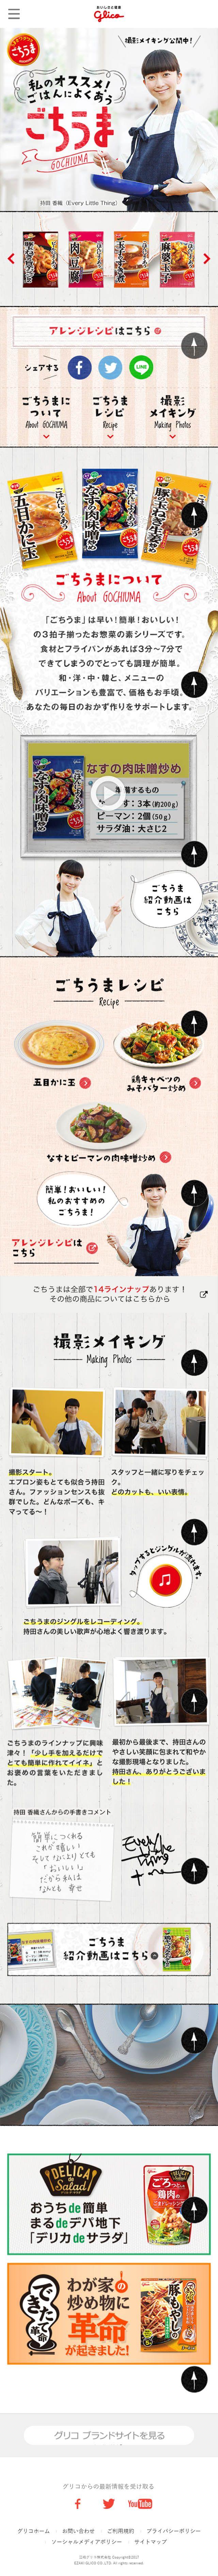 ごはんによくあう ごちうま【食品関連】のLPデザイン。WEBデザイナーさん必見!スマホランディングページのデザイン参考に(かわいい系)